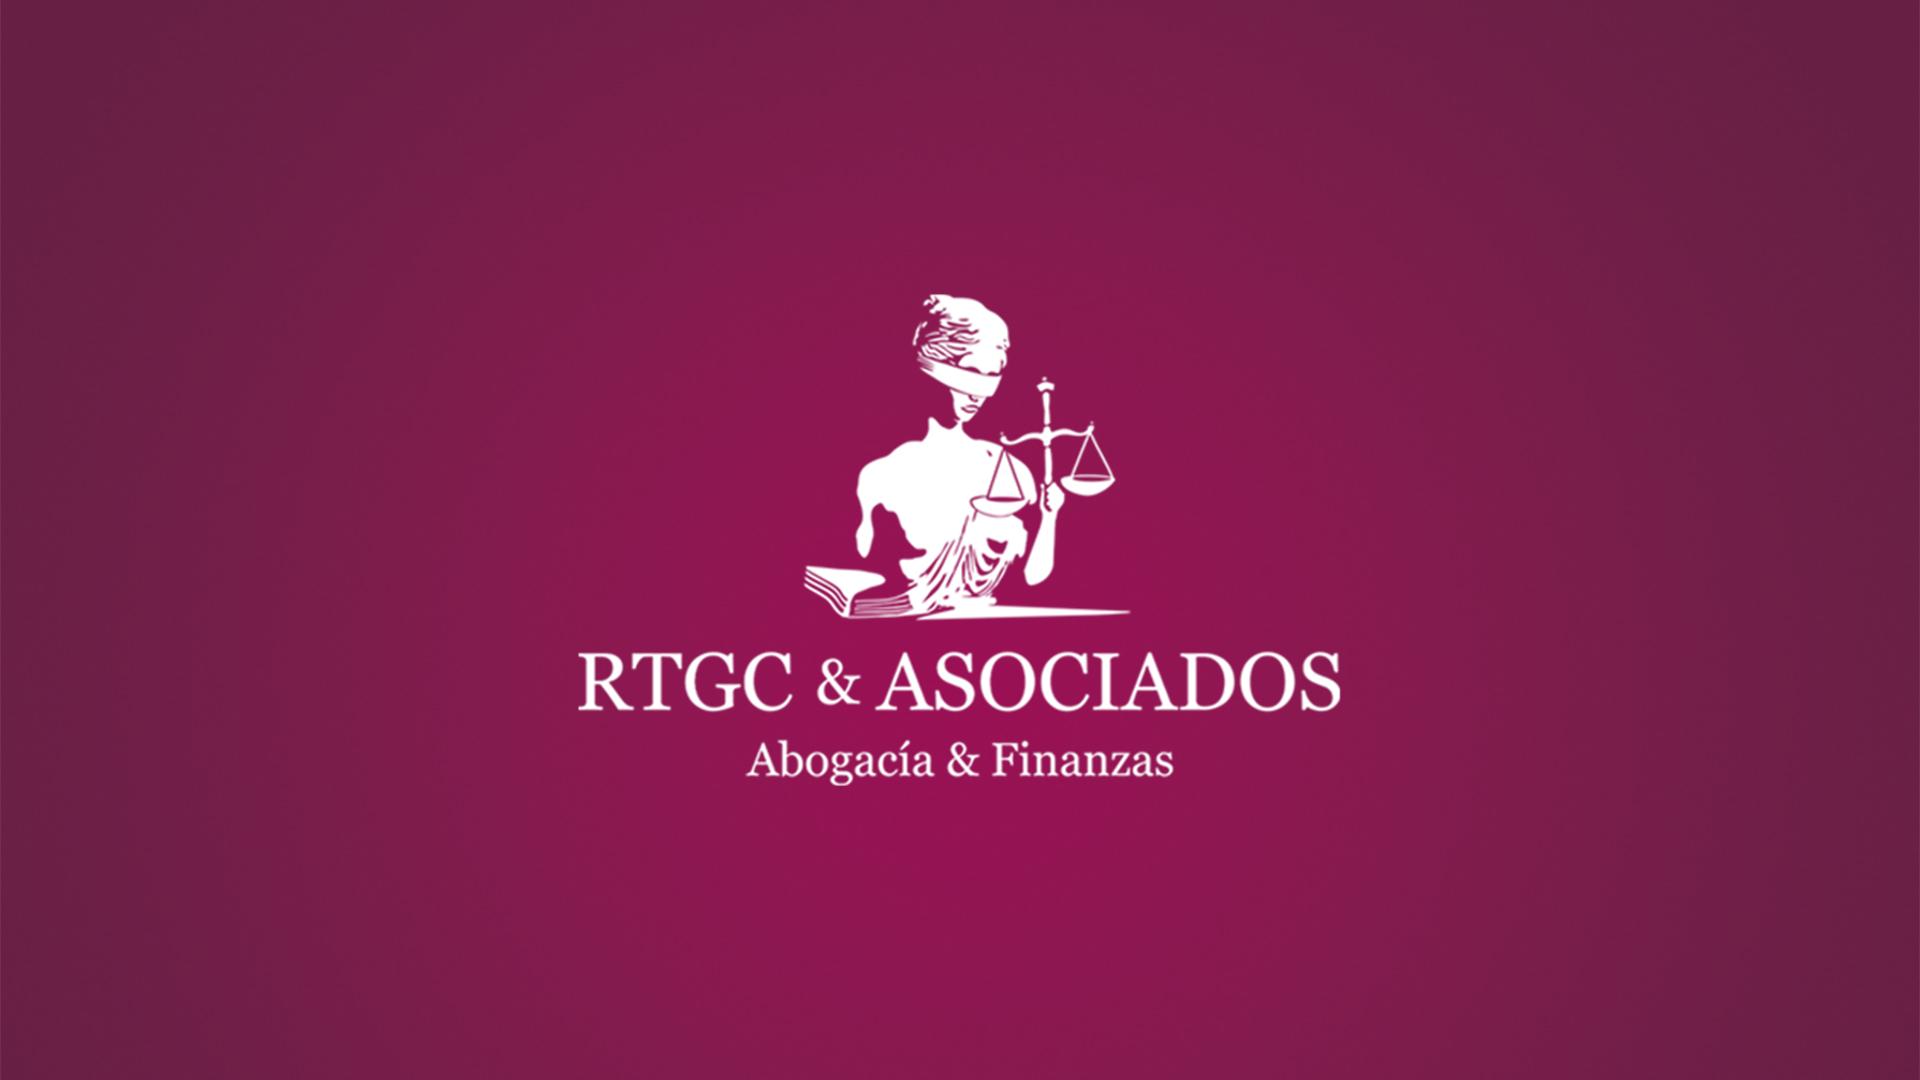 Vídeo Corto publicitario para RTGC & ASOCIADOS. Abogacía y Finanzas. Santa Cruz de La Palma y Santa Cruz de Tenerife